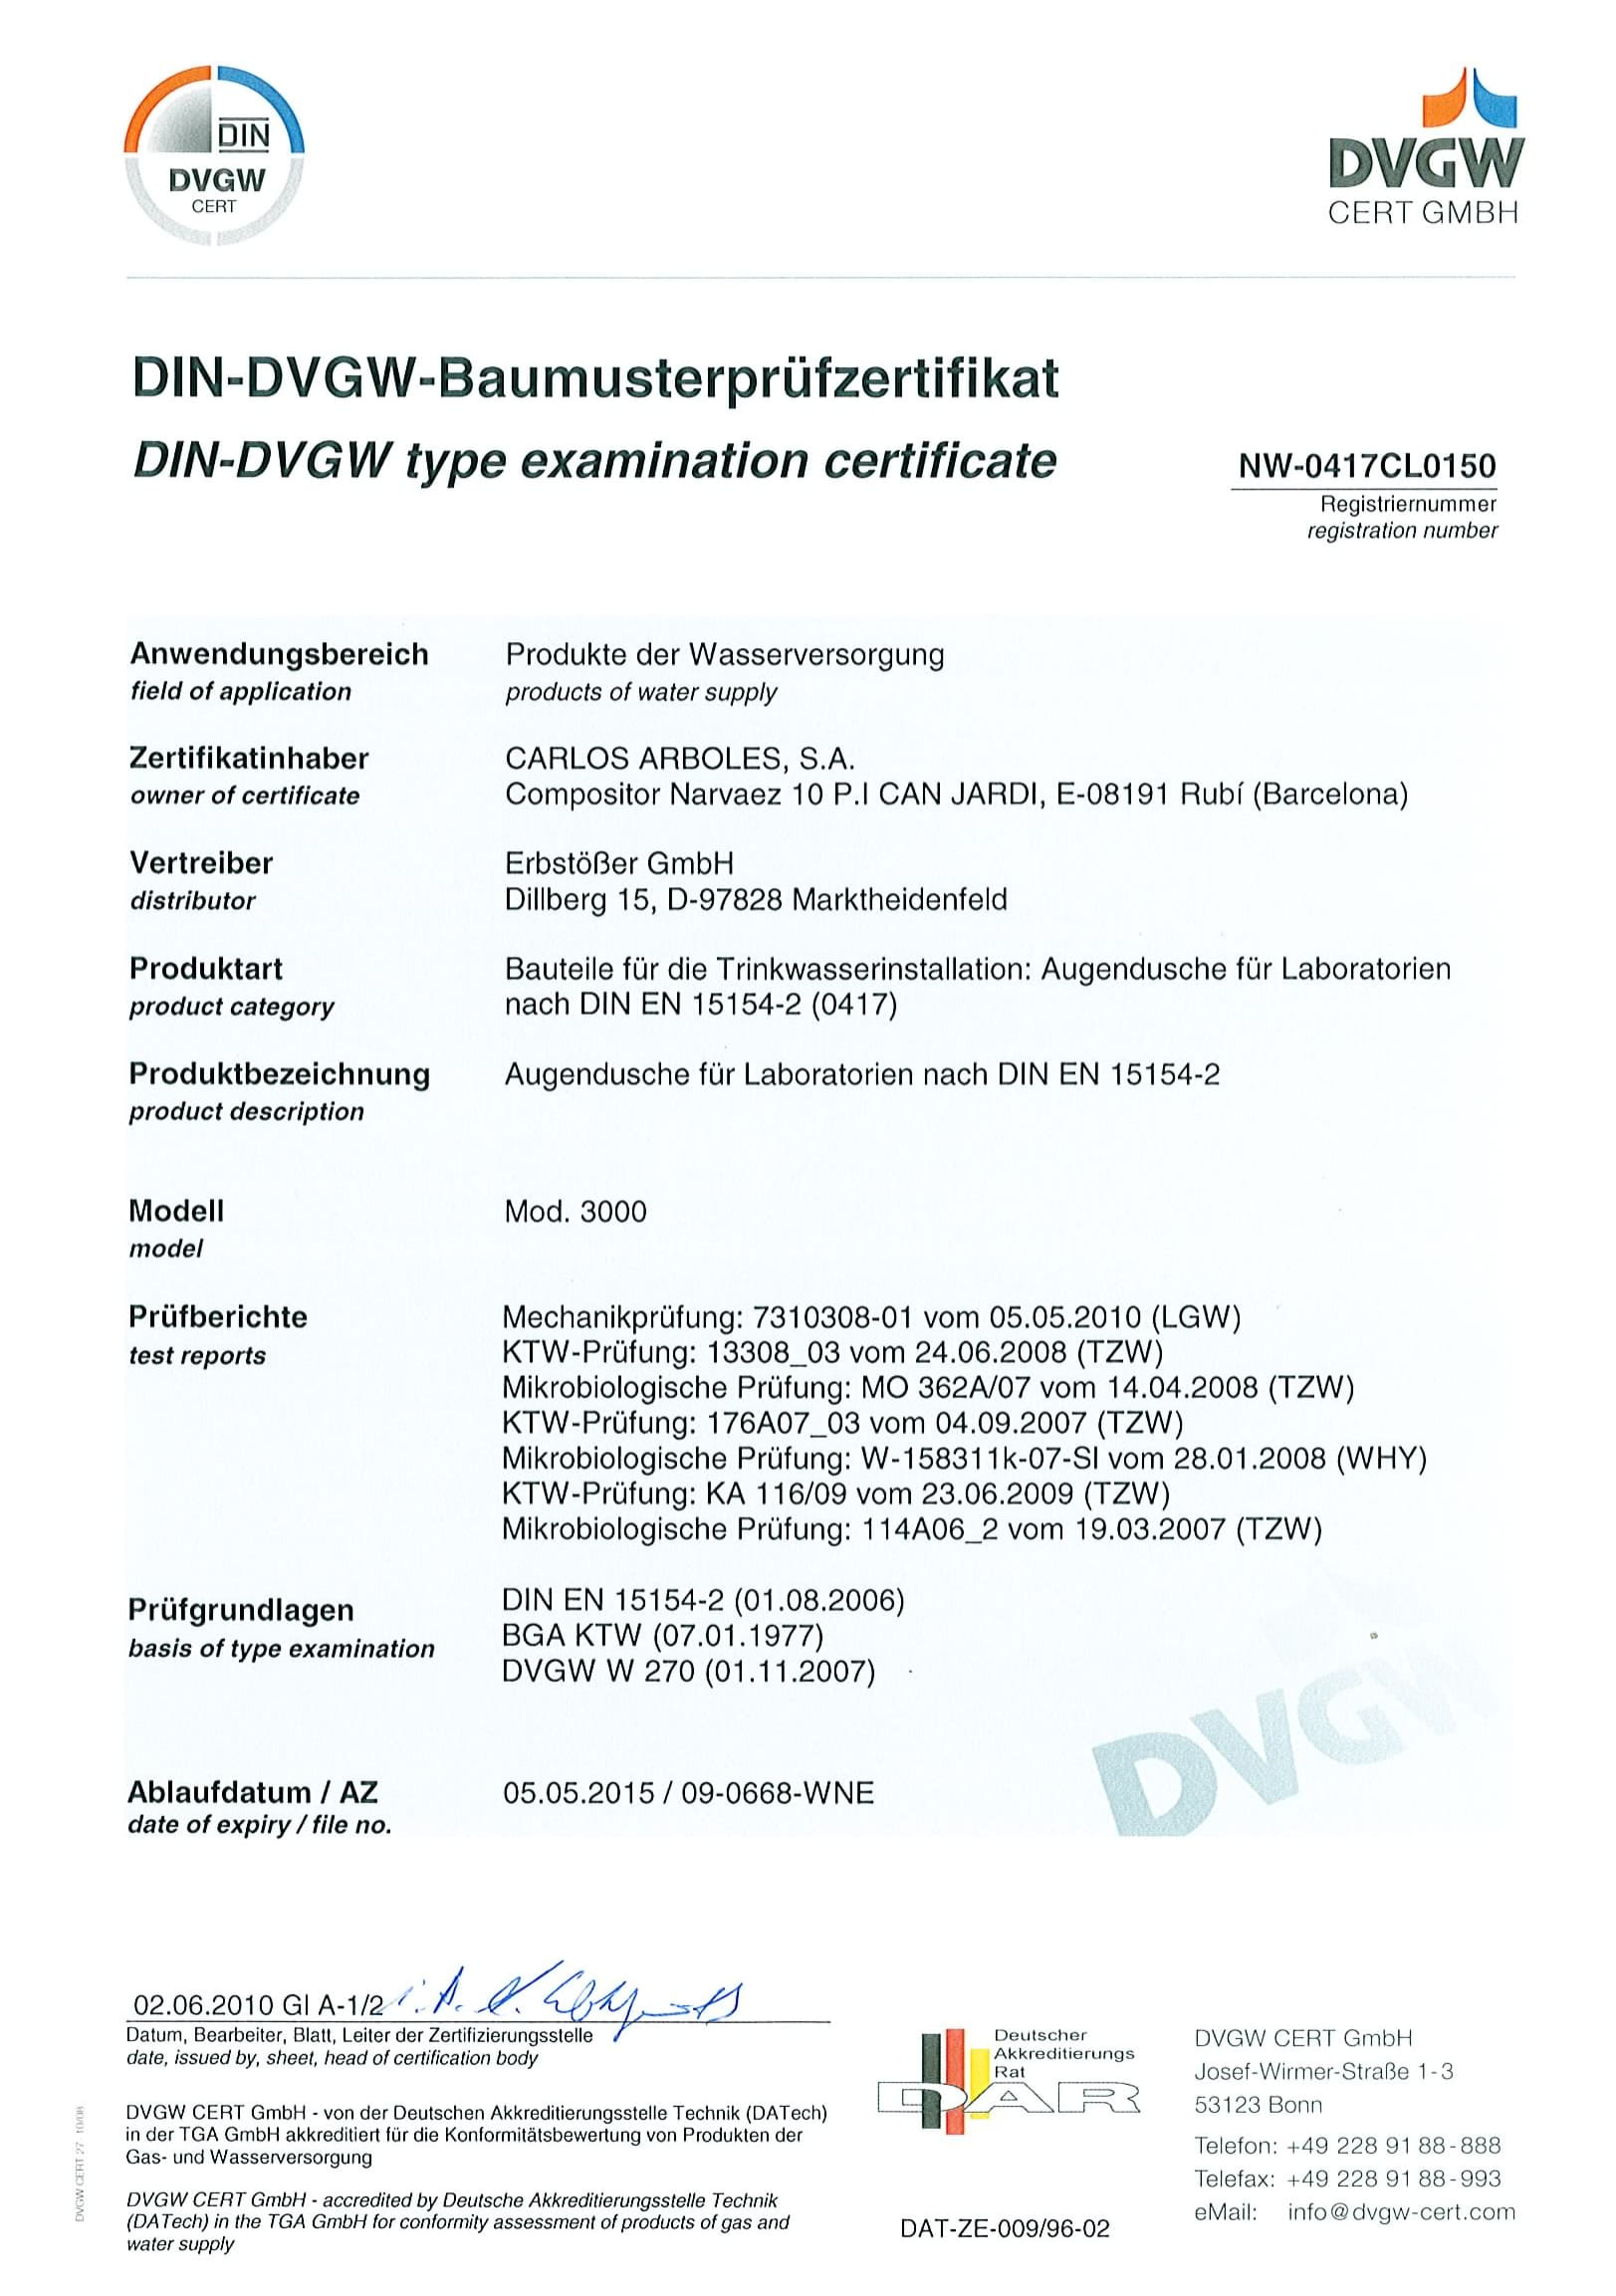 DVGW - Model 3000 Eyewash